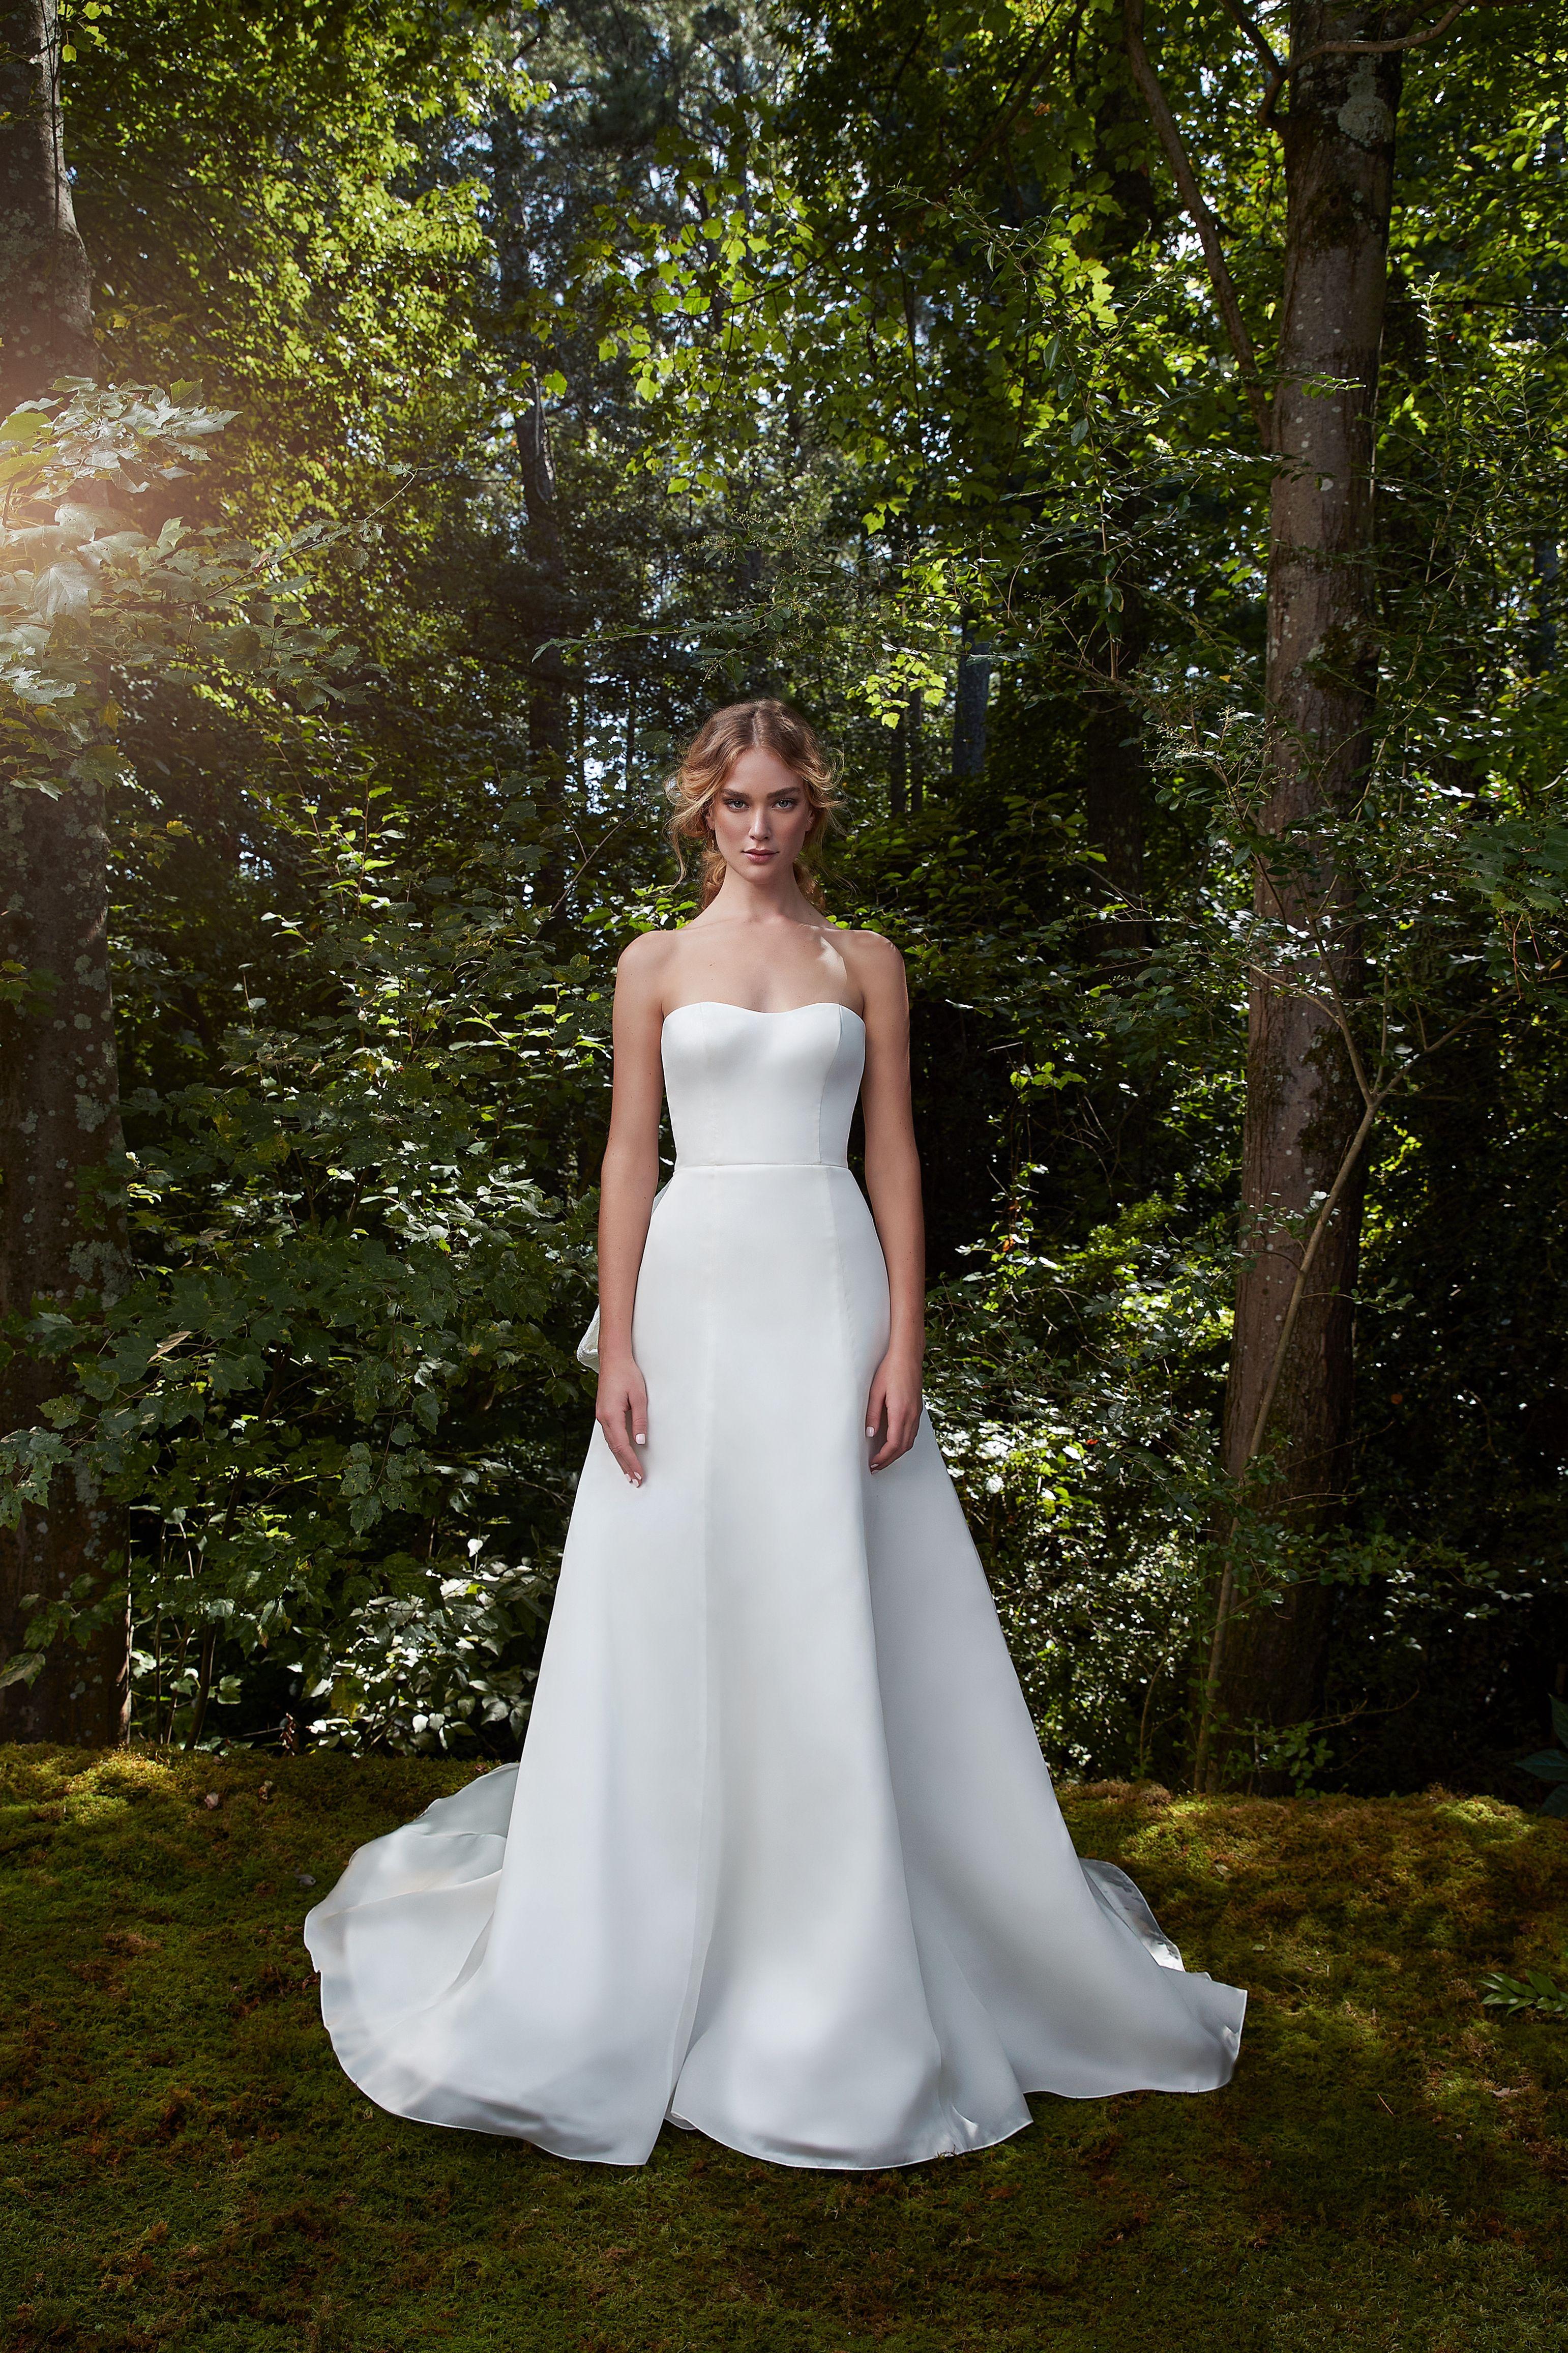 Strapless Aline Simple Wedding Dress By Anne Barge Bridal Wedding Dresses Simple Wedding Dresses Wedding Dress Necklines [ 4625 x 3083 Pixel ]